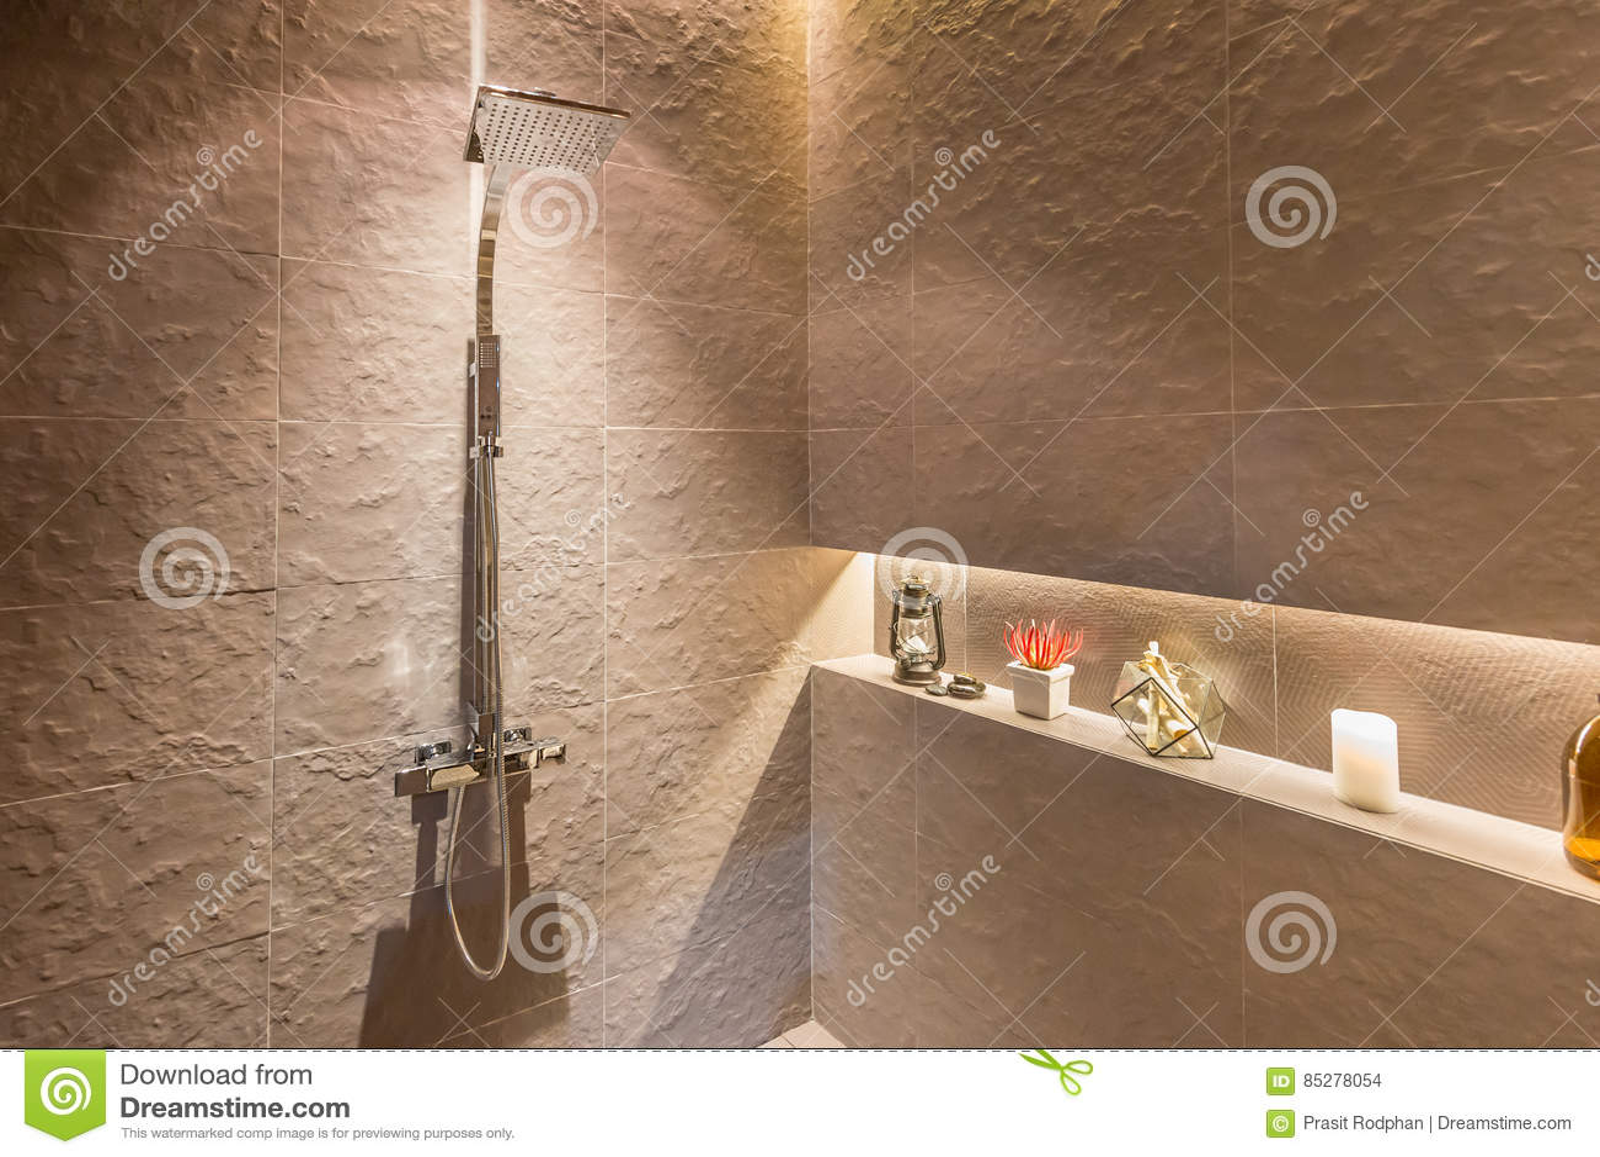 Progettare Il Bagno Di Casa : Interno della testa di doccia moderna in bagno a casa disegno